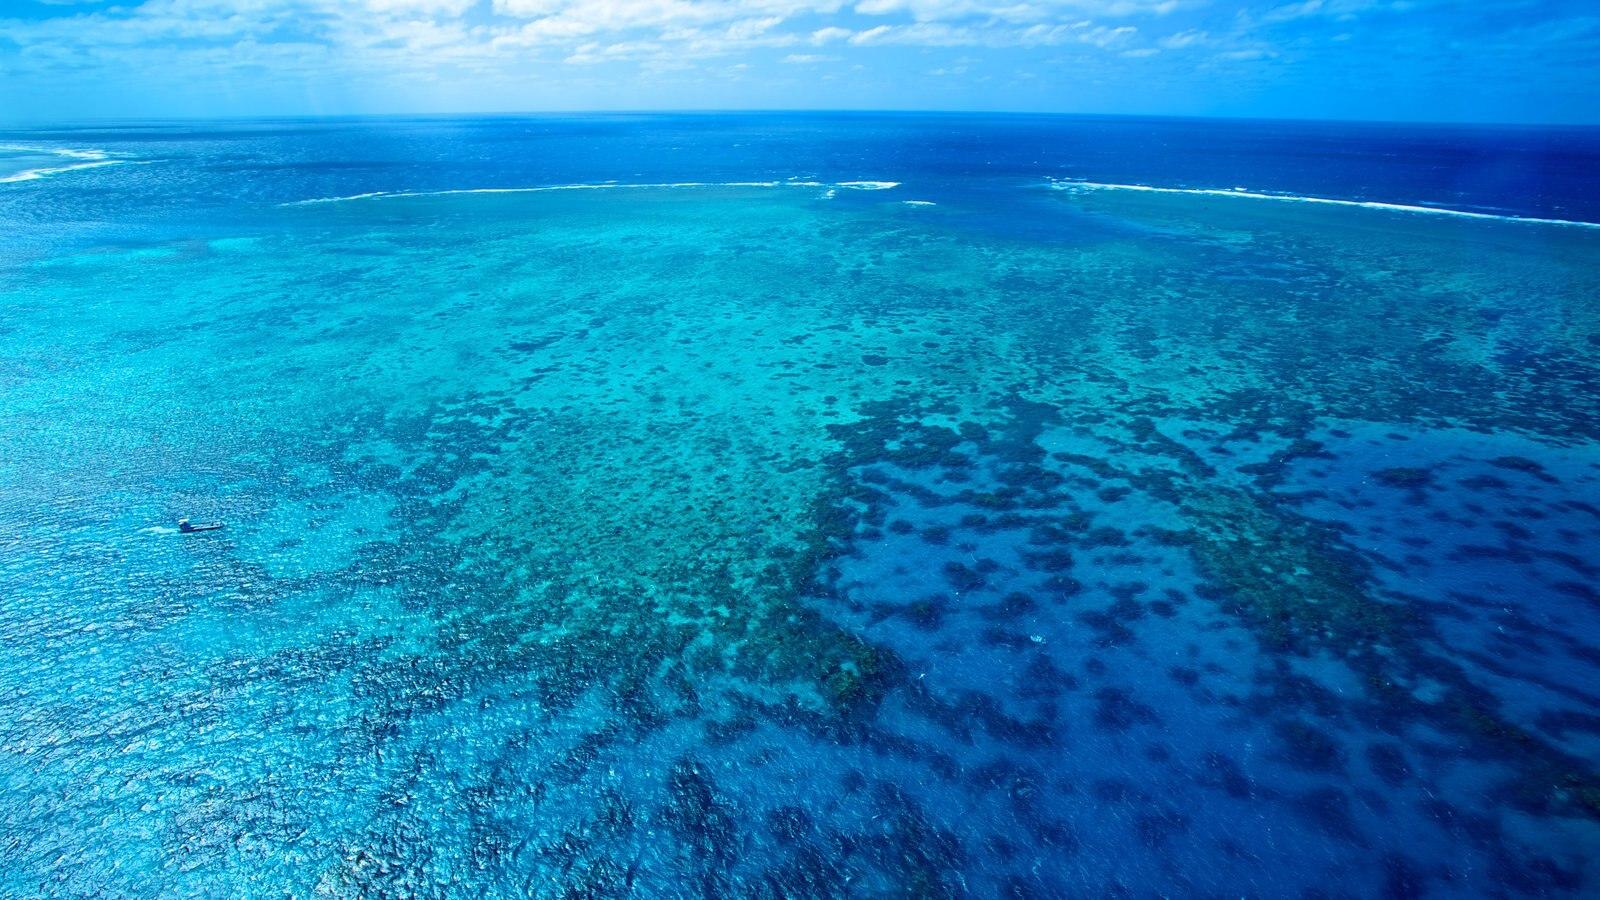 Cairns que incluye escenas tropicales, arrecifes coloridos y vistas de paisajes